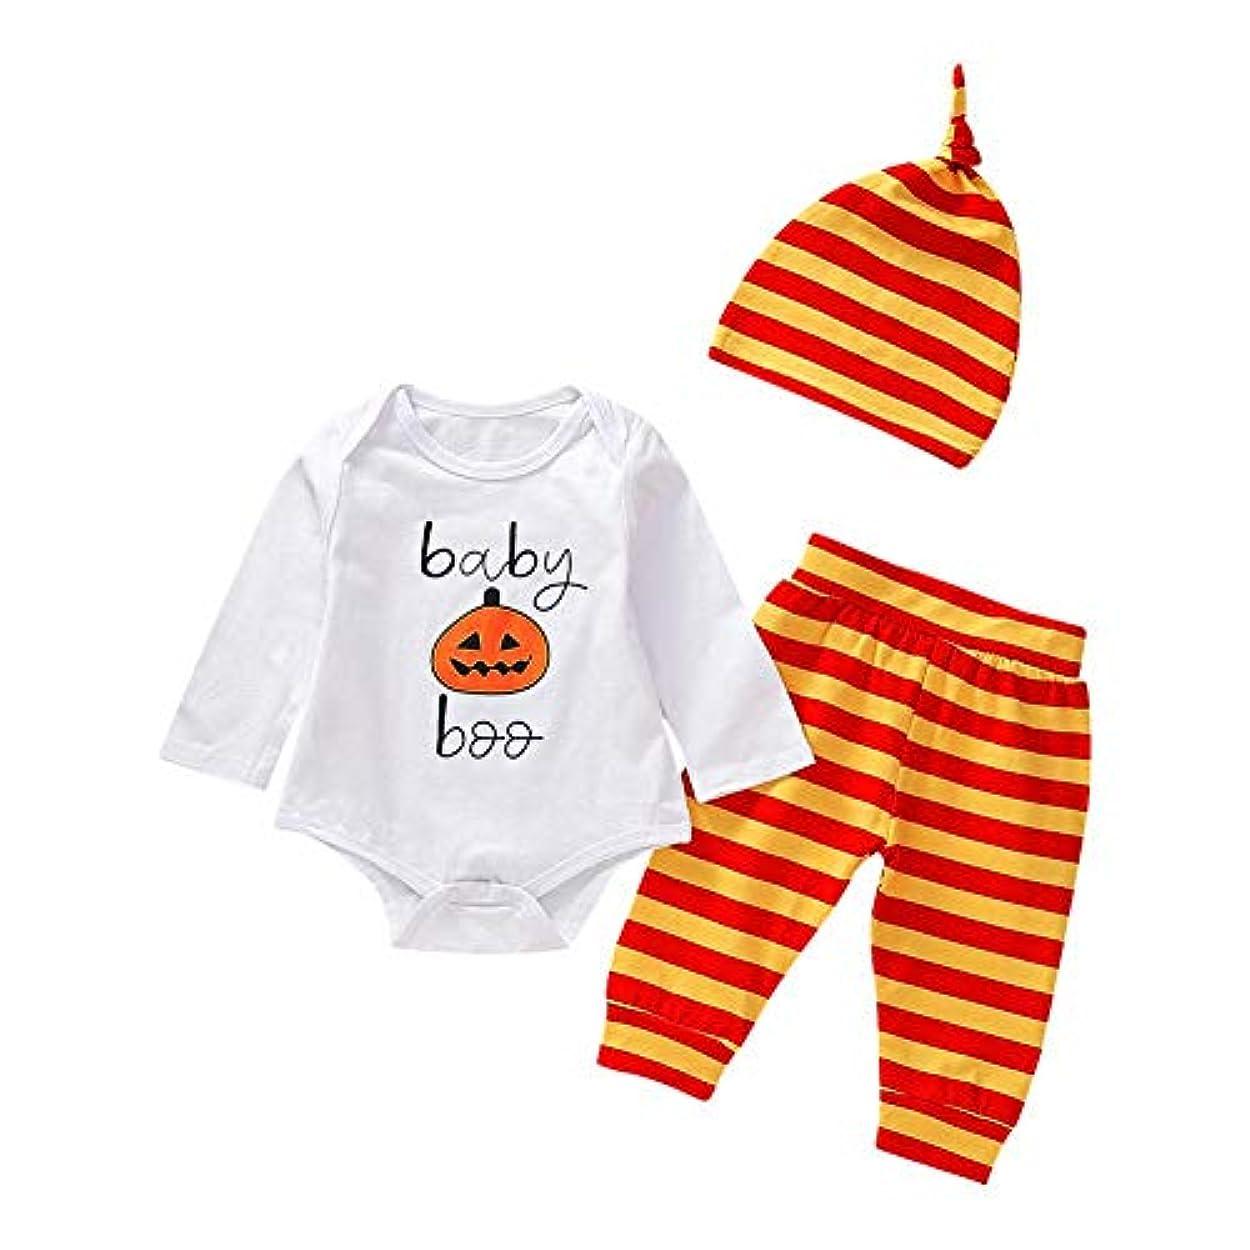 主人繁殖特徴Chaufly 子供服 ハロウィン 新生児 赤ちゃん ハロウィン 服 3本セット ロングスリーブ レタープリント ロンパー パンツ 帽子